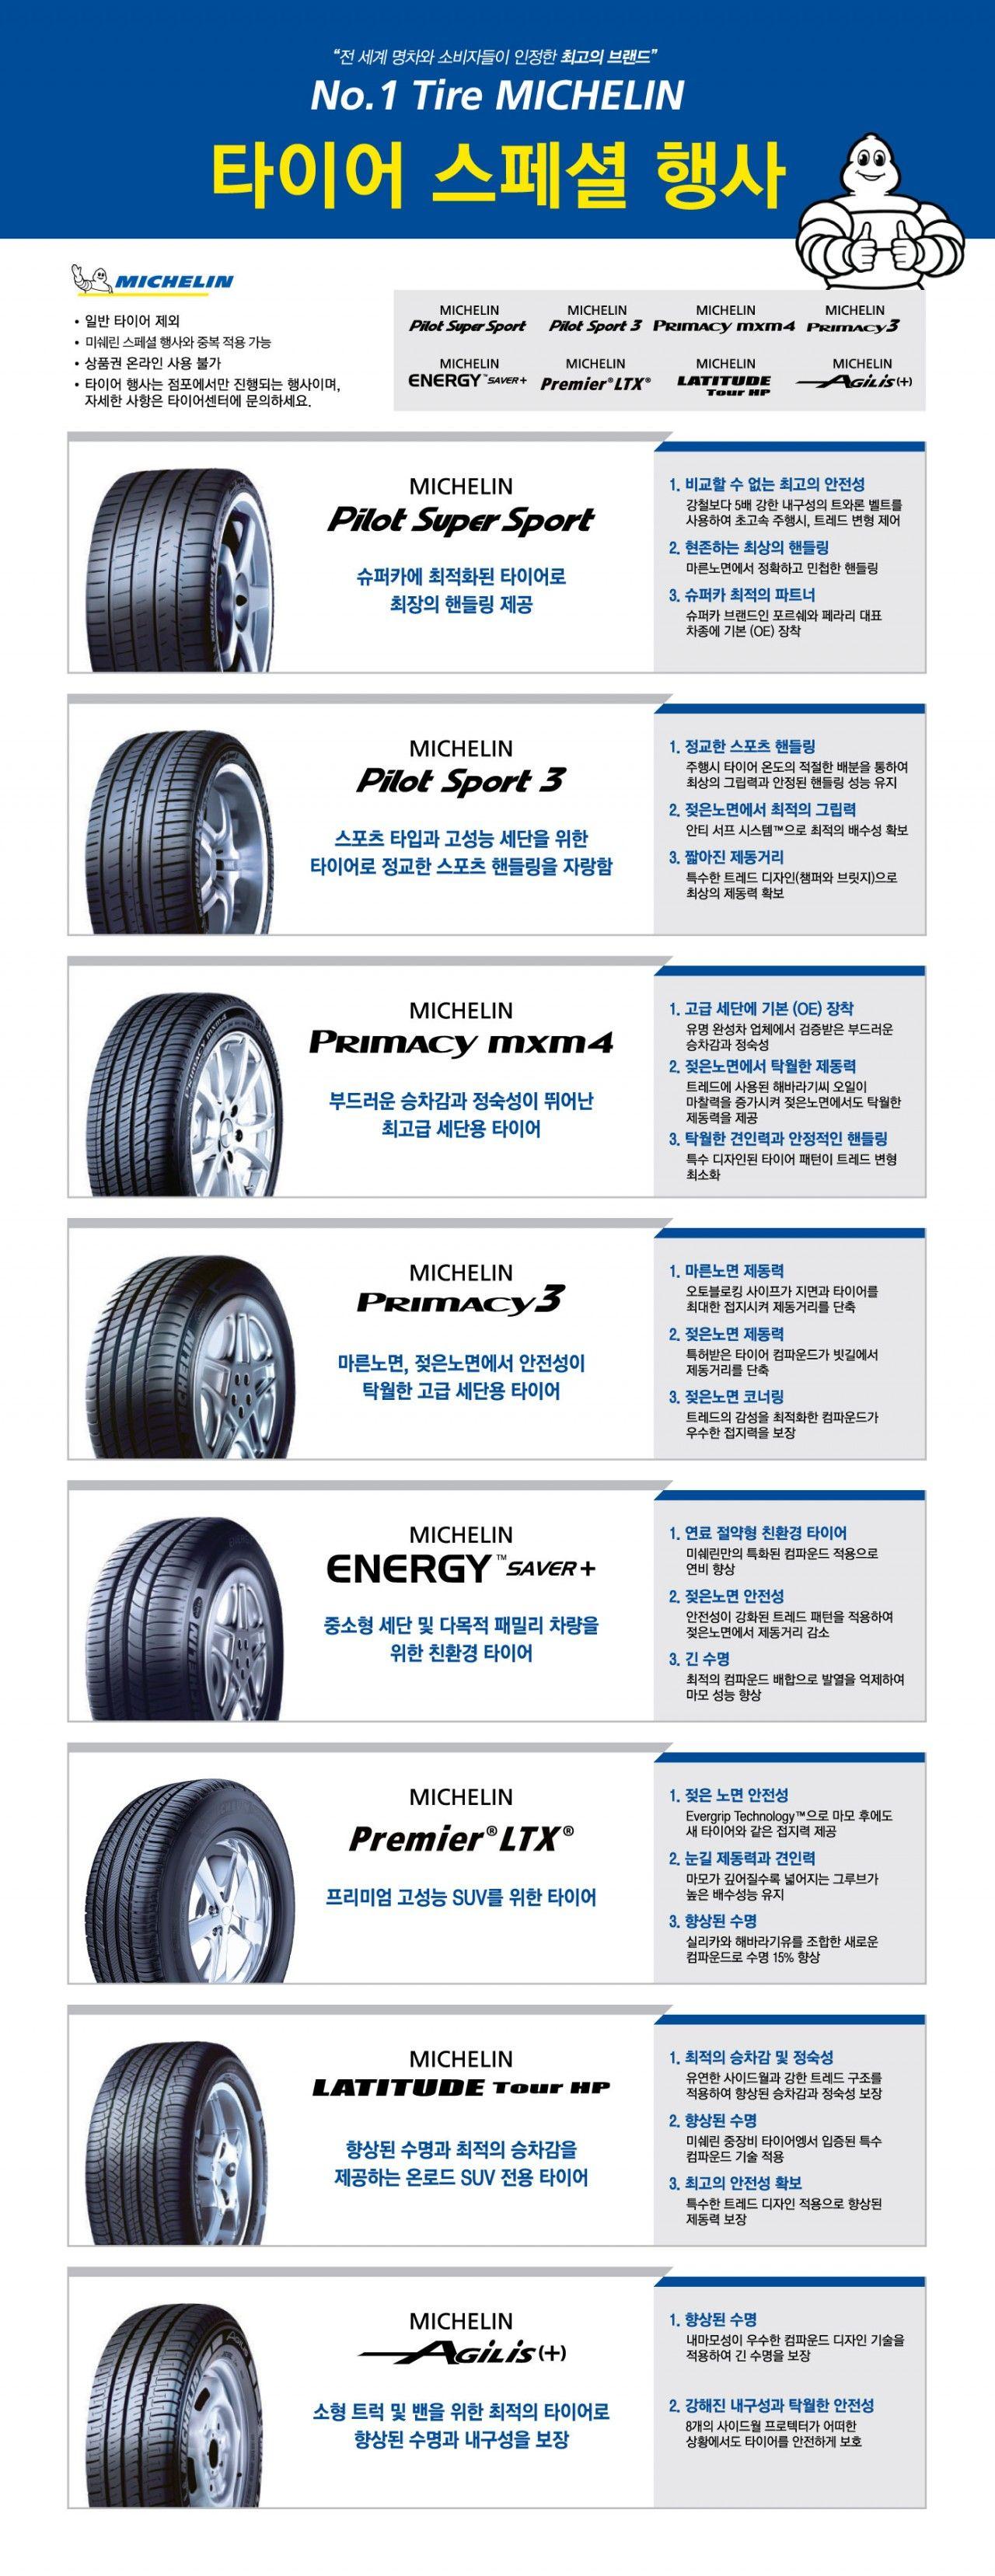 미쉐린타이어 스페셜행사 링크이미지작업 타이어의 종류와 특성을 간단히 정리한 페이지